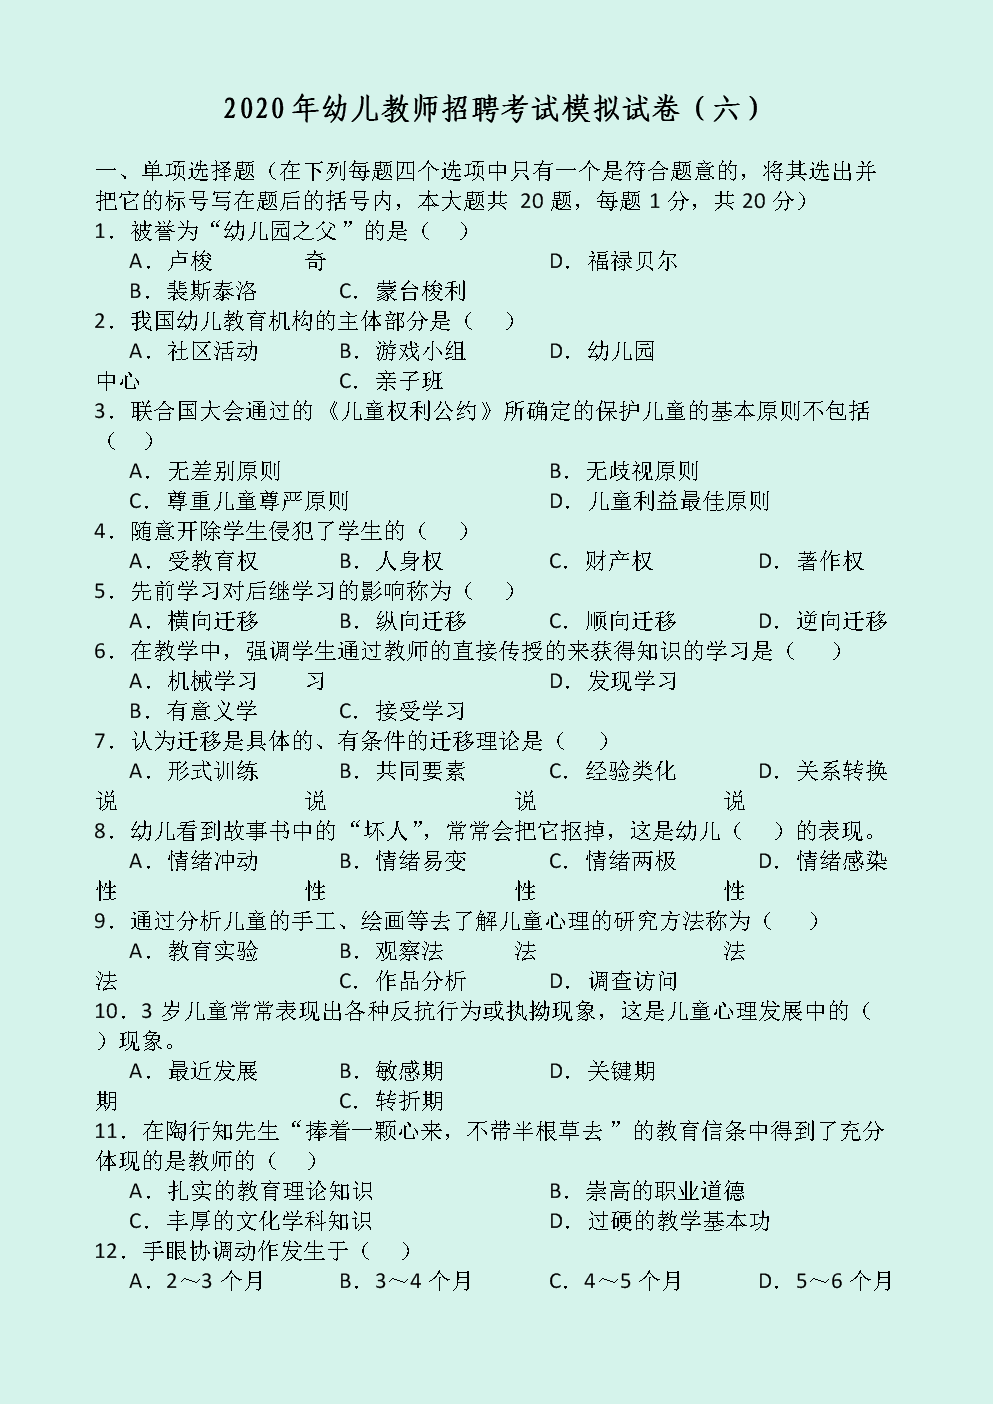 回忆情歌-丁玲(MP3歌词/LRC歌词) lrc歌词下载 第3张